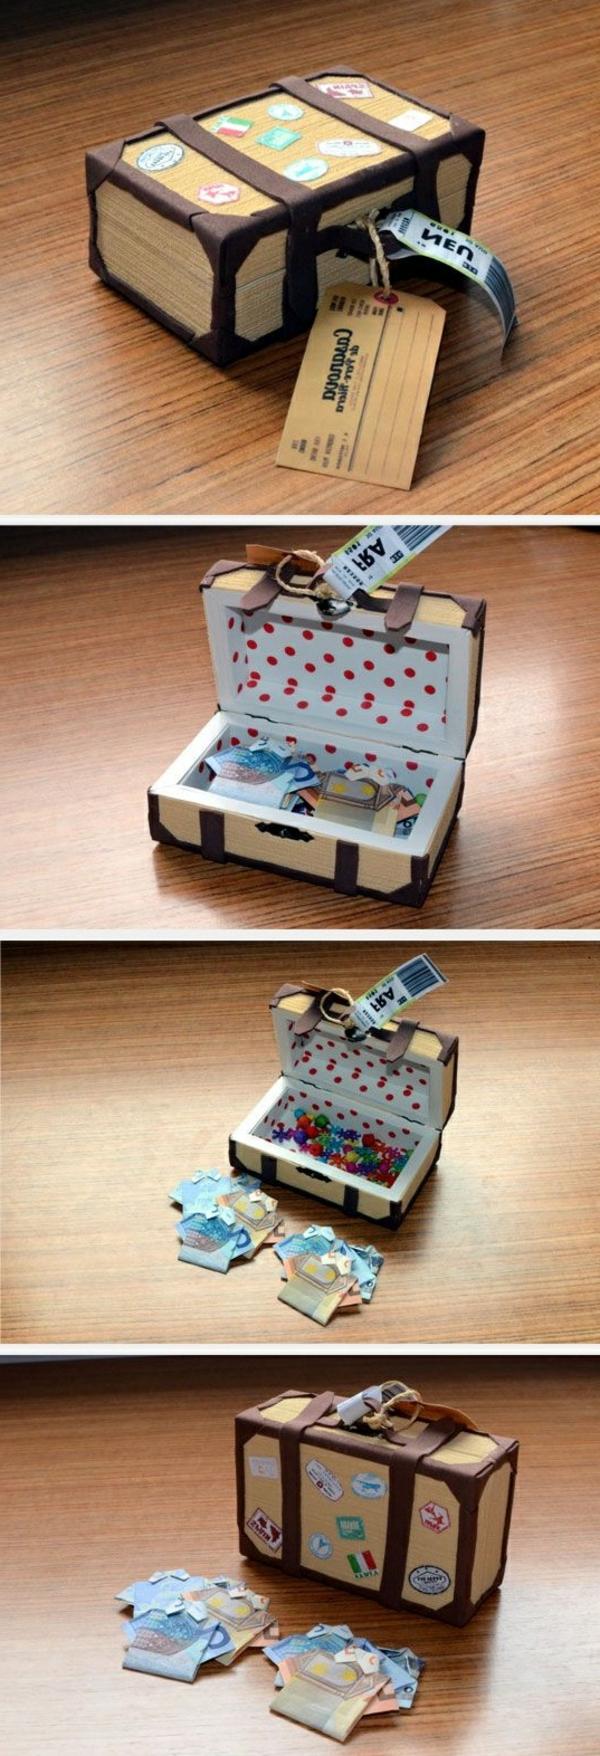 idée-comment-donner-de-l'argent-offrir-un-cadeau-mariage-emballage-original